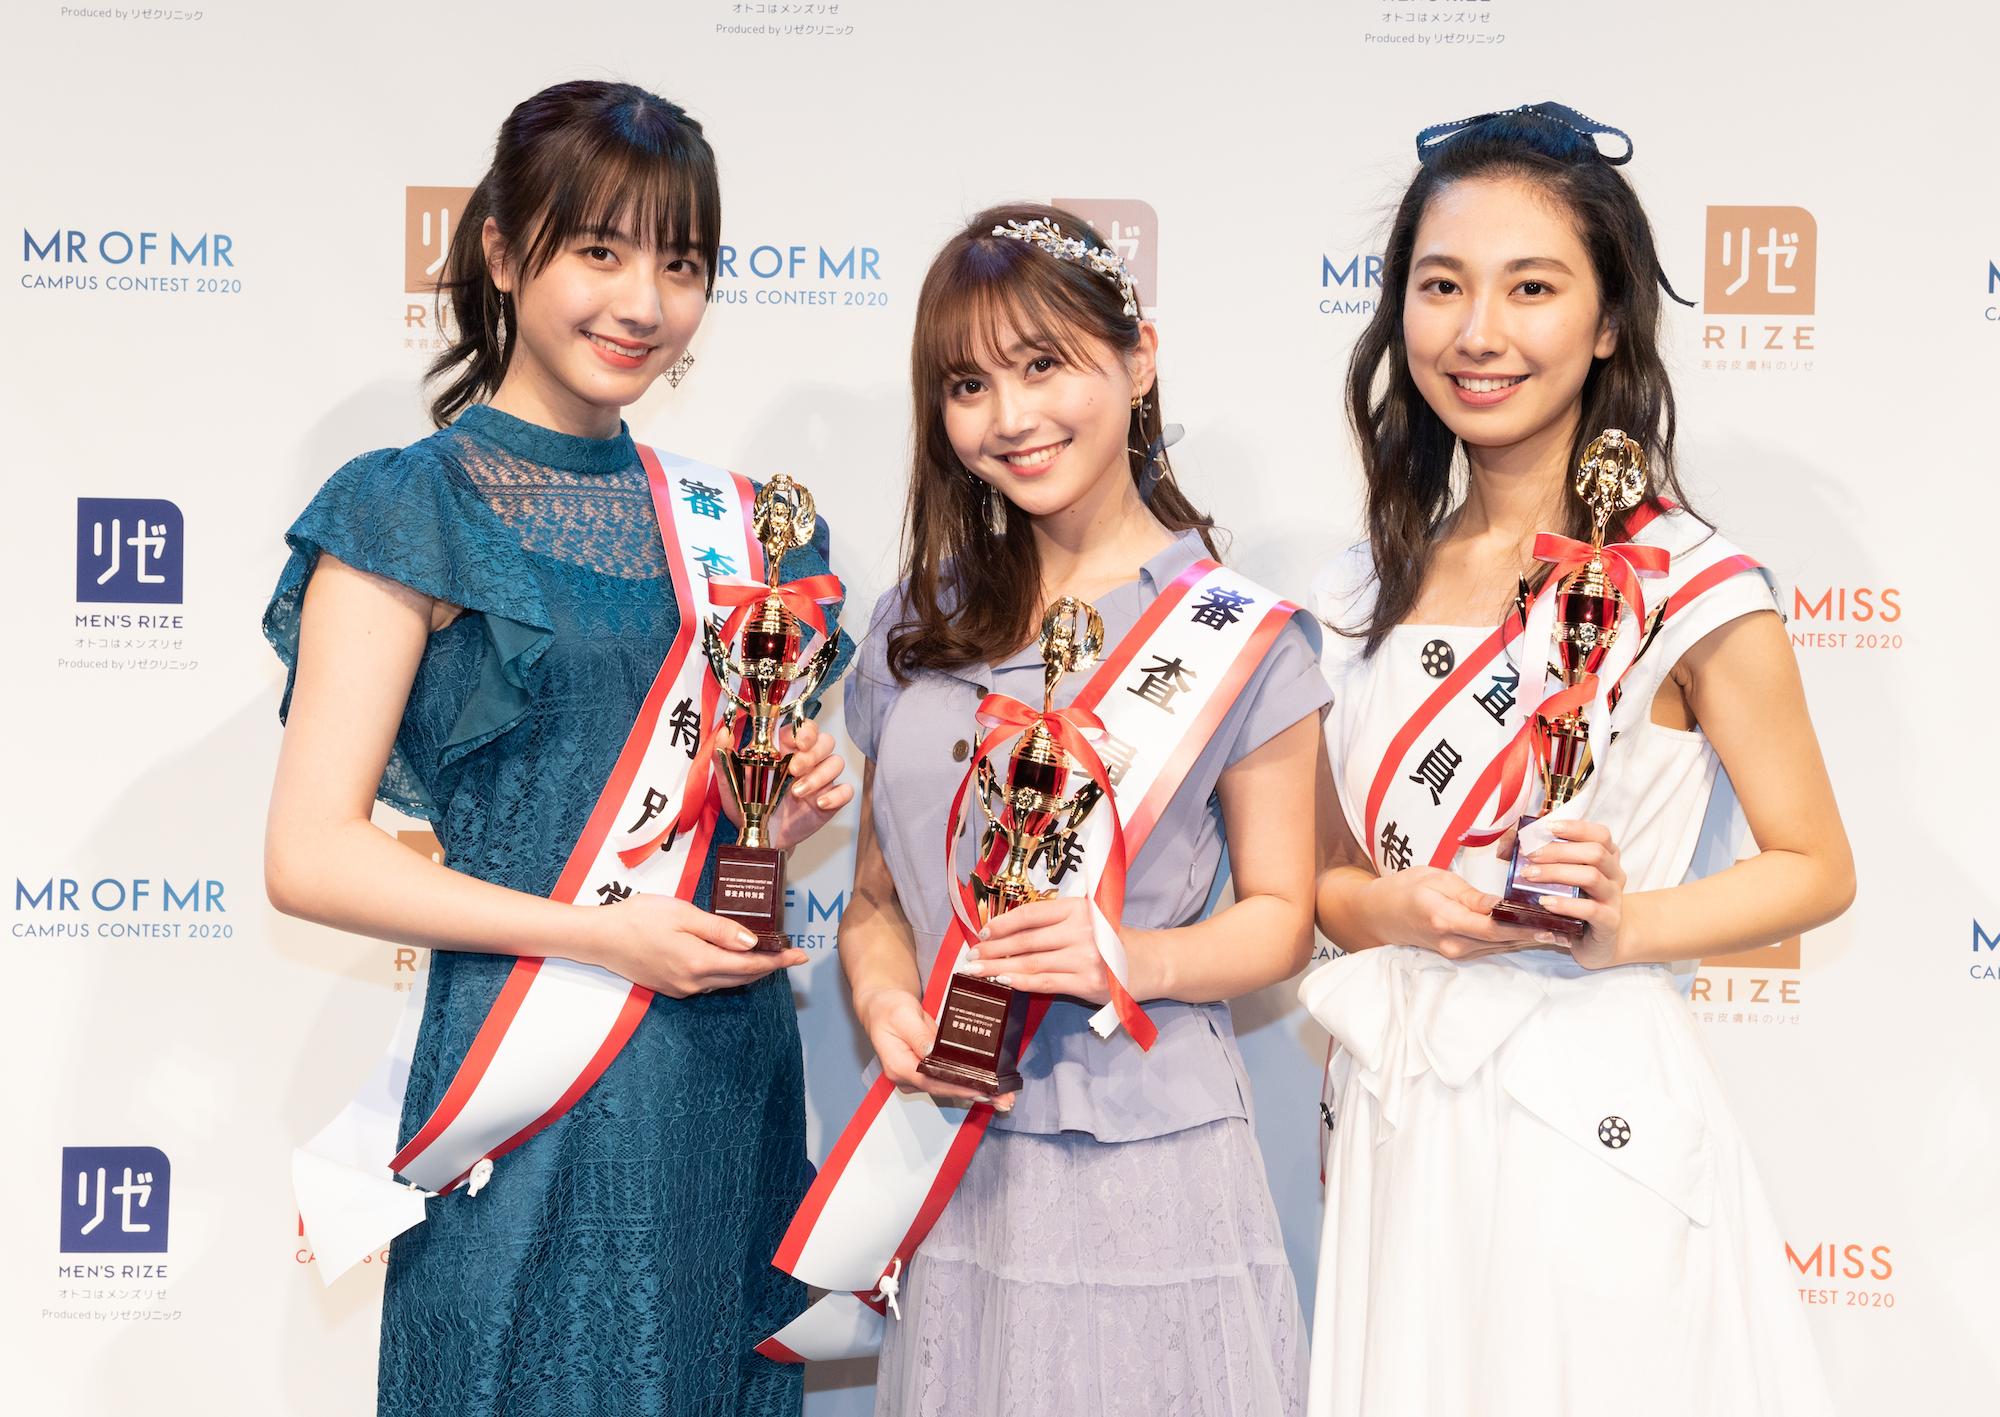 西尾ゆい、中林奈々、仲原舞子/『MISS OF MISS CAMPUS QUEEN CONTEST 2020 supported by リゼクリニック』2020年3月26日